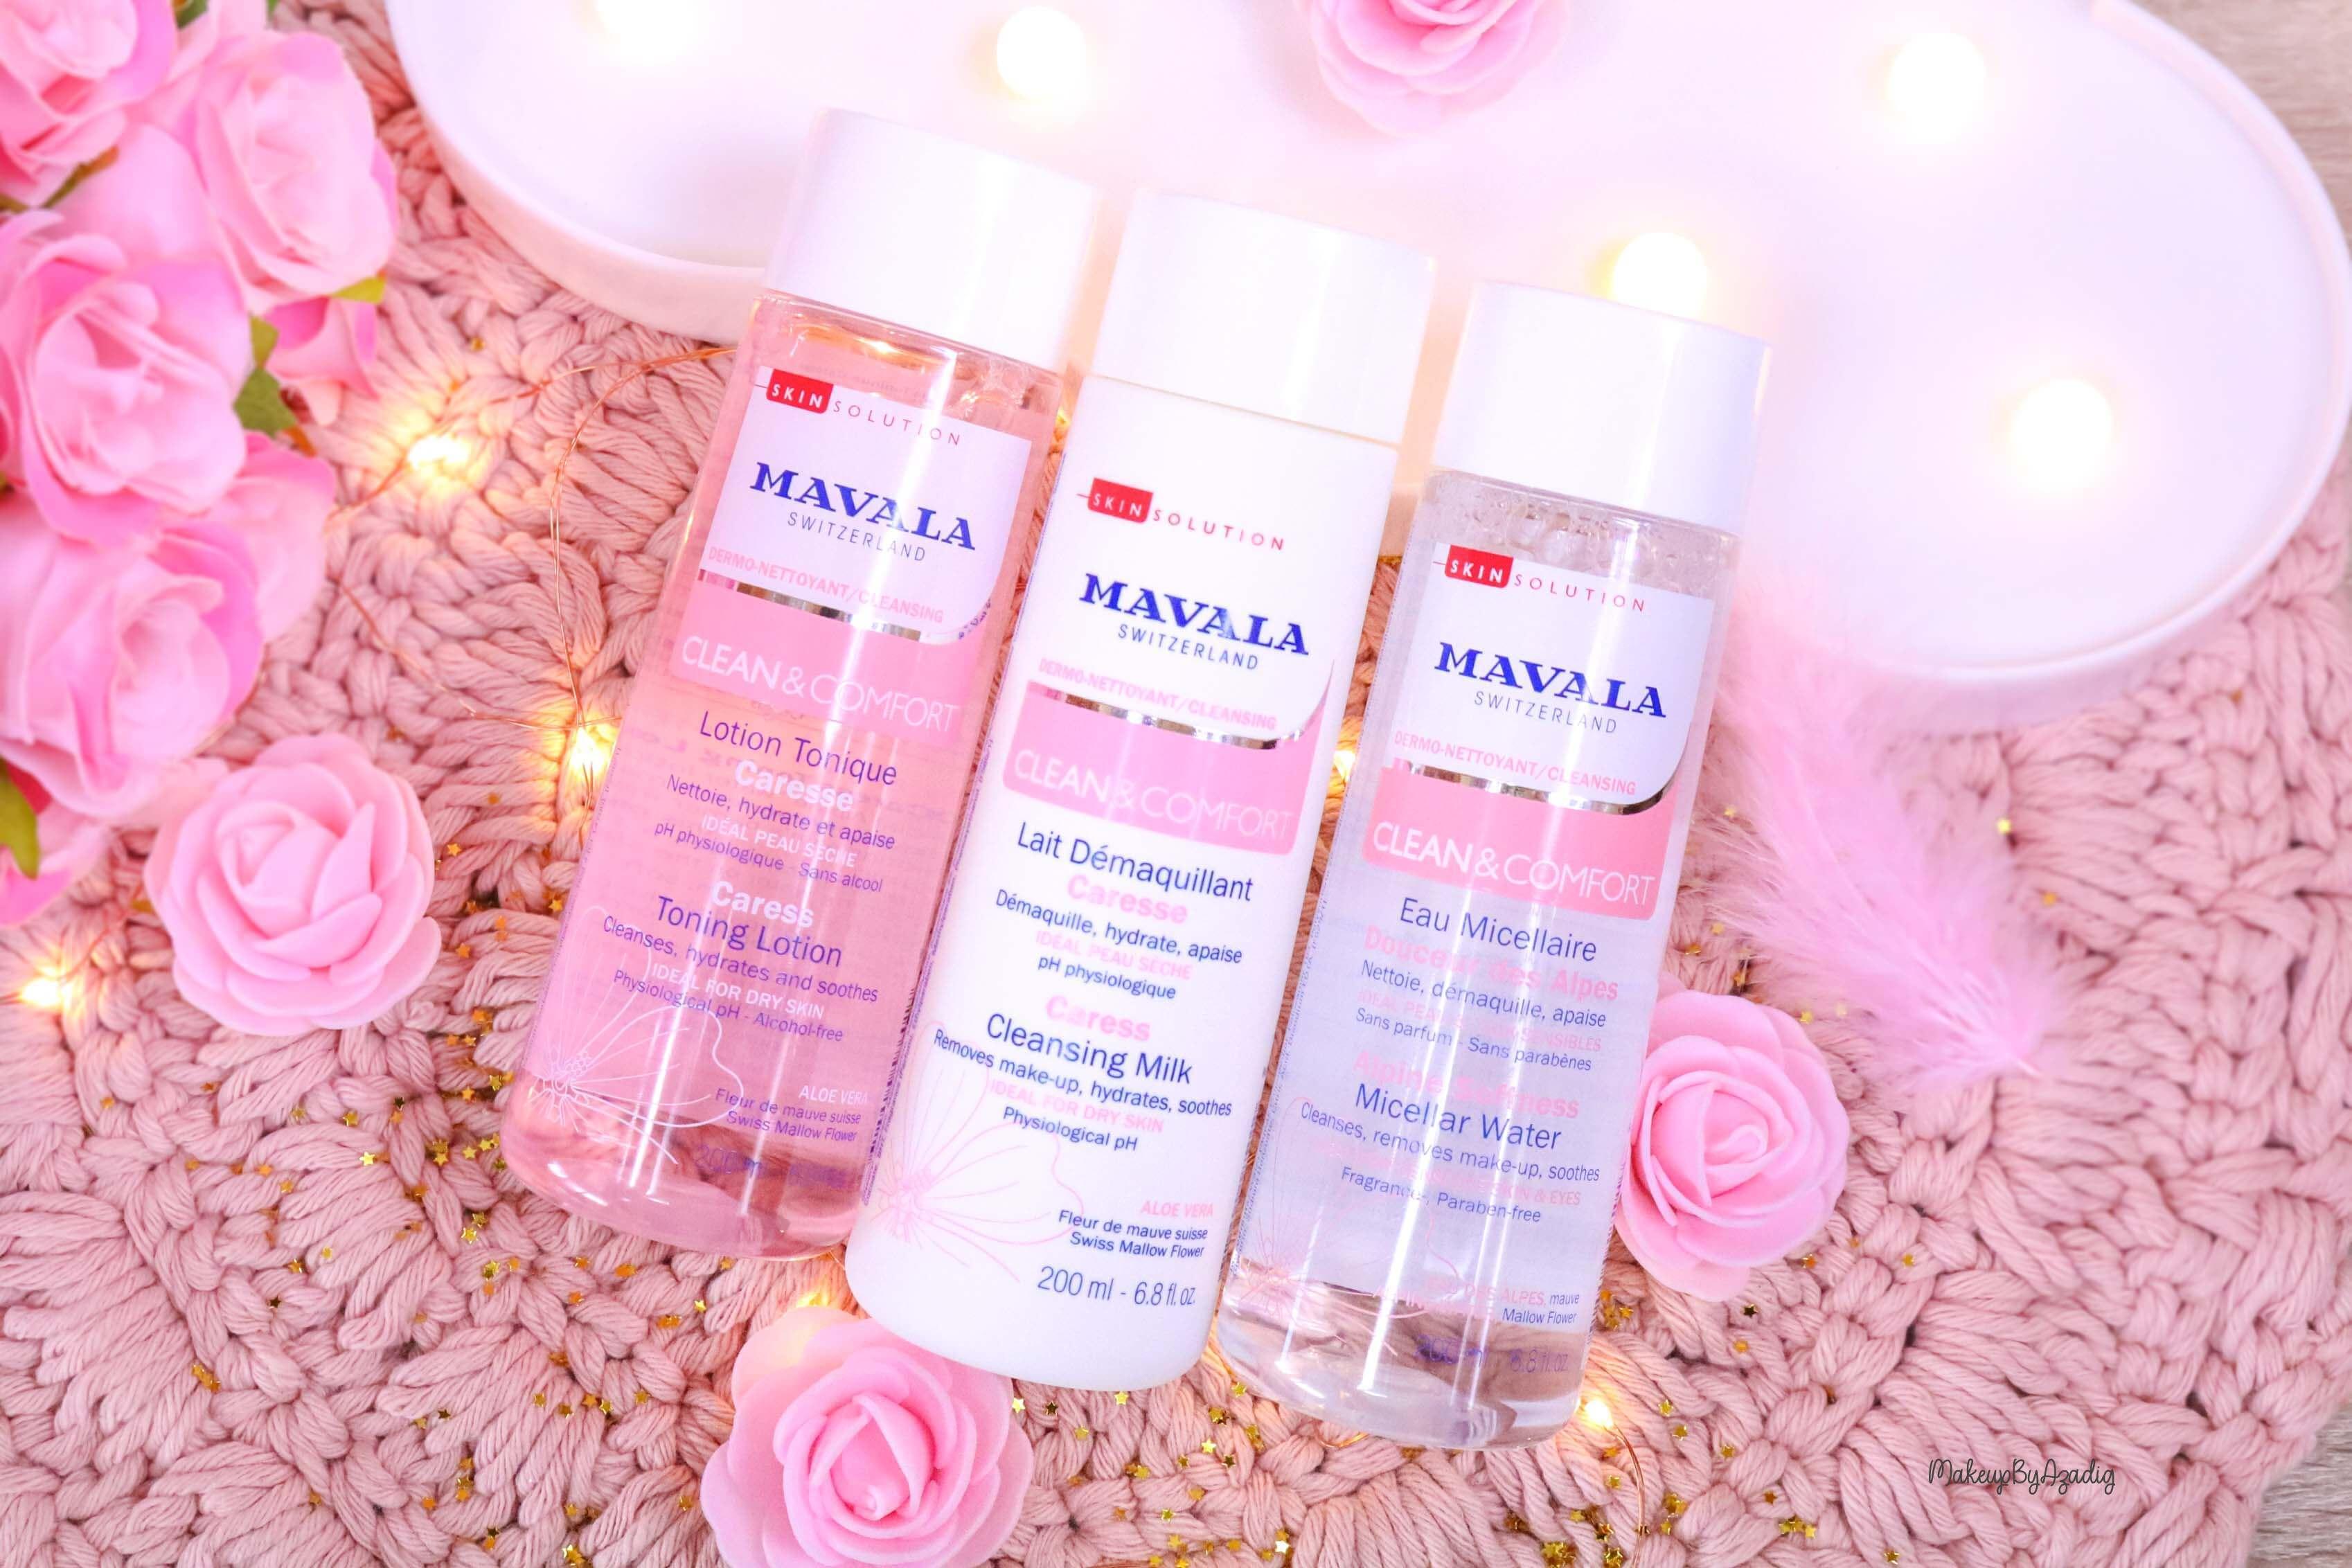 revue-routine-demaquillage-soin-confort-mavala-suisse-clean-lotion-tonique-lait-eau-micellaire-makeupbyazadig-miniature